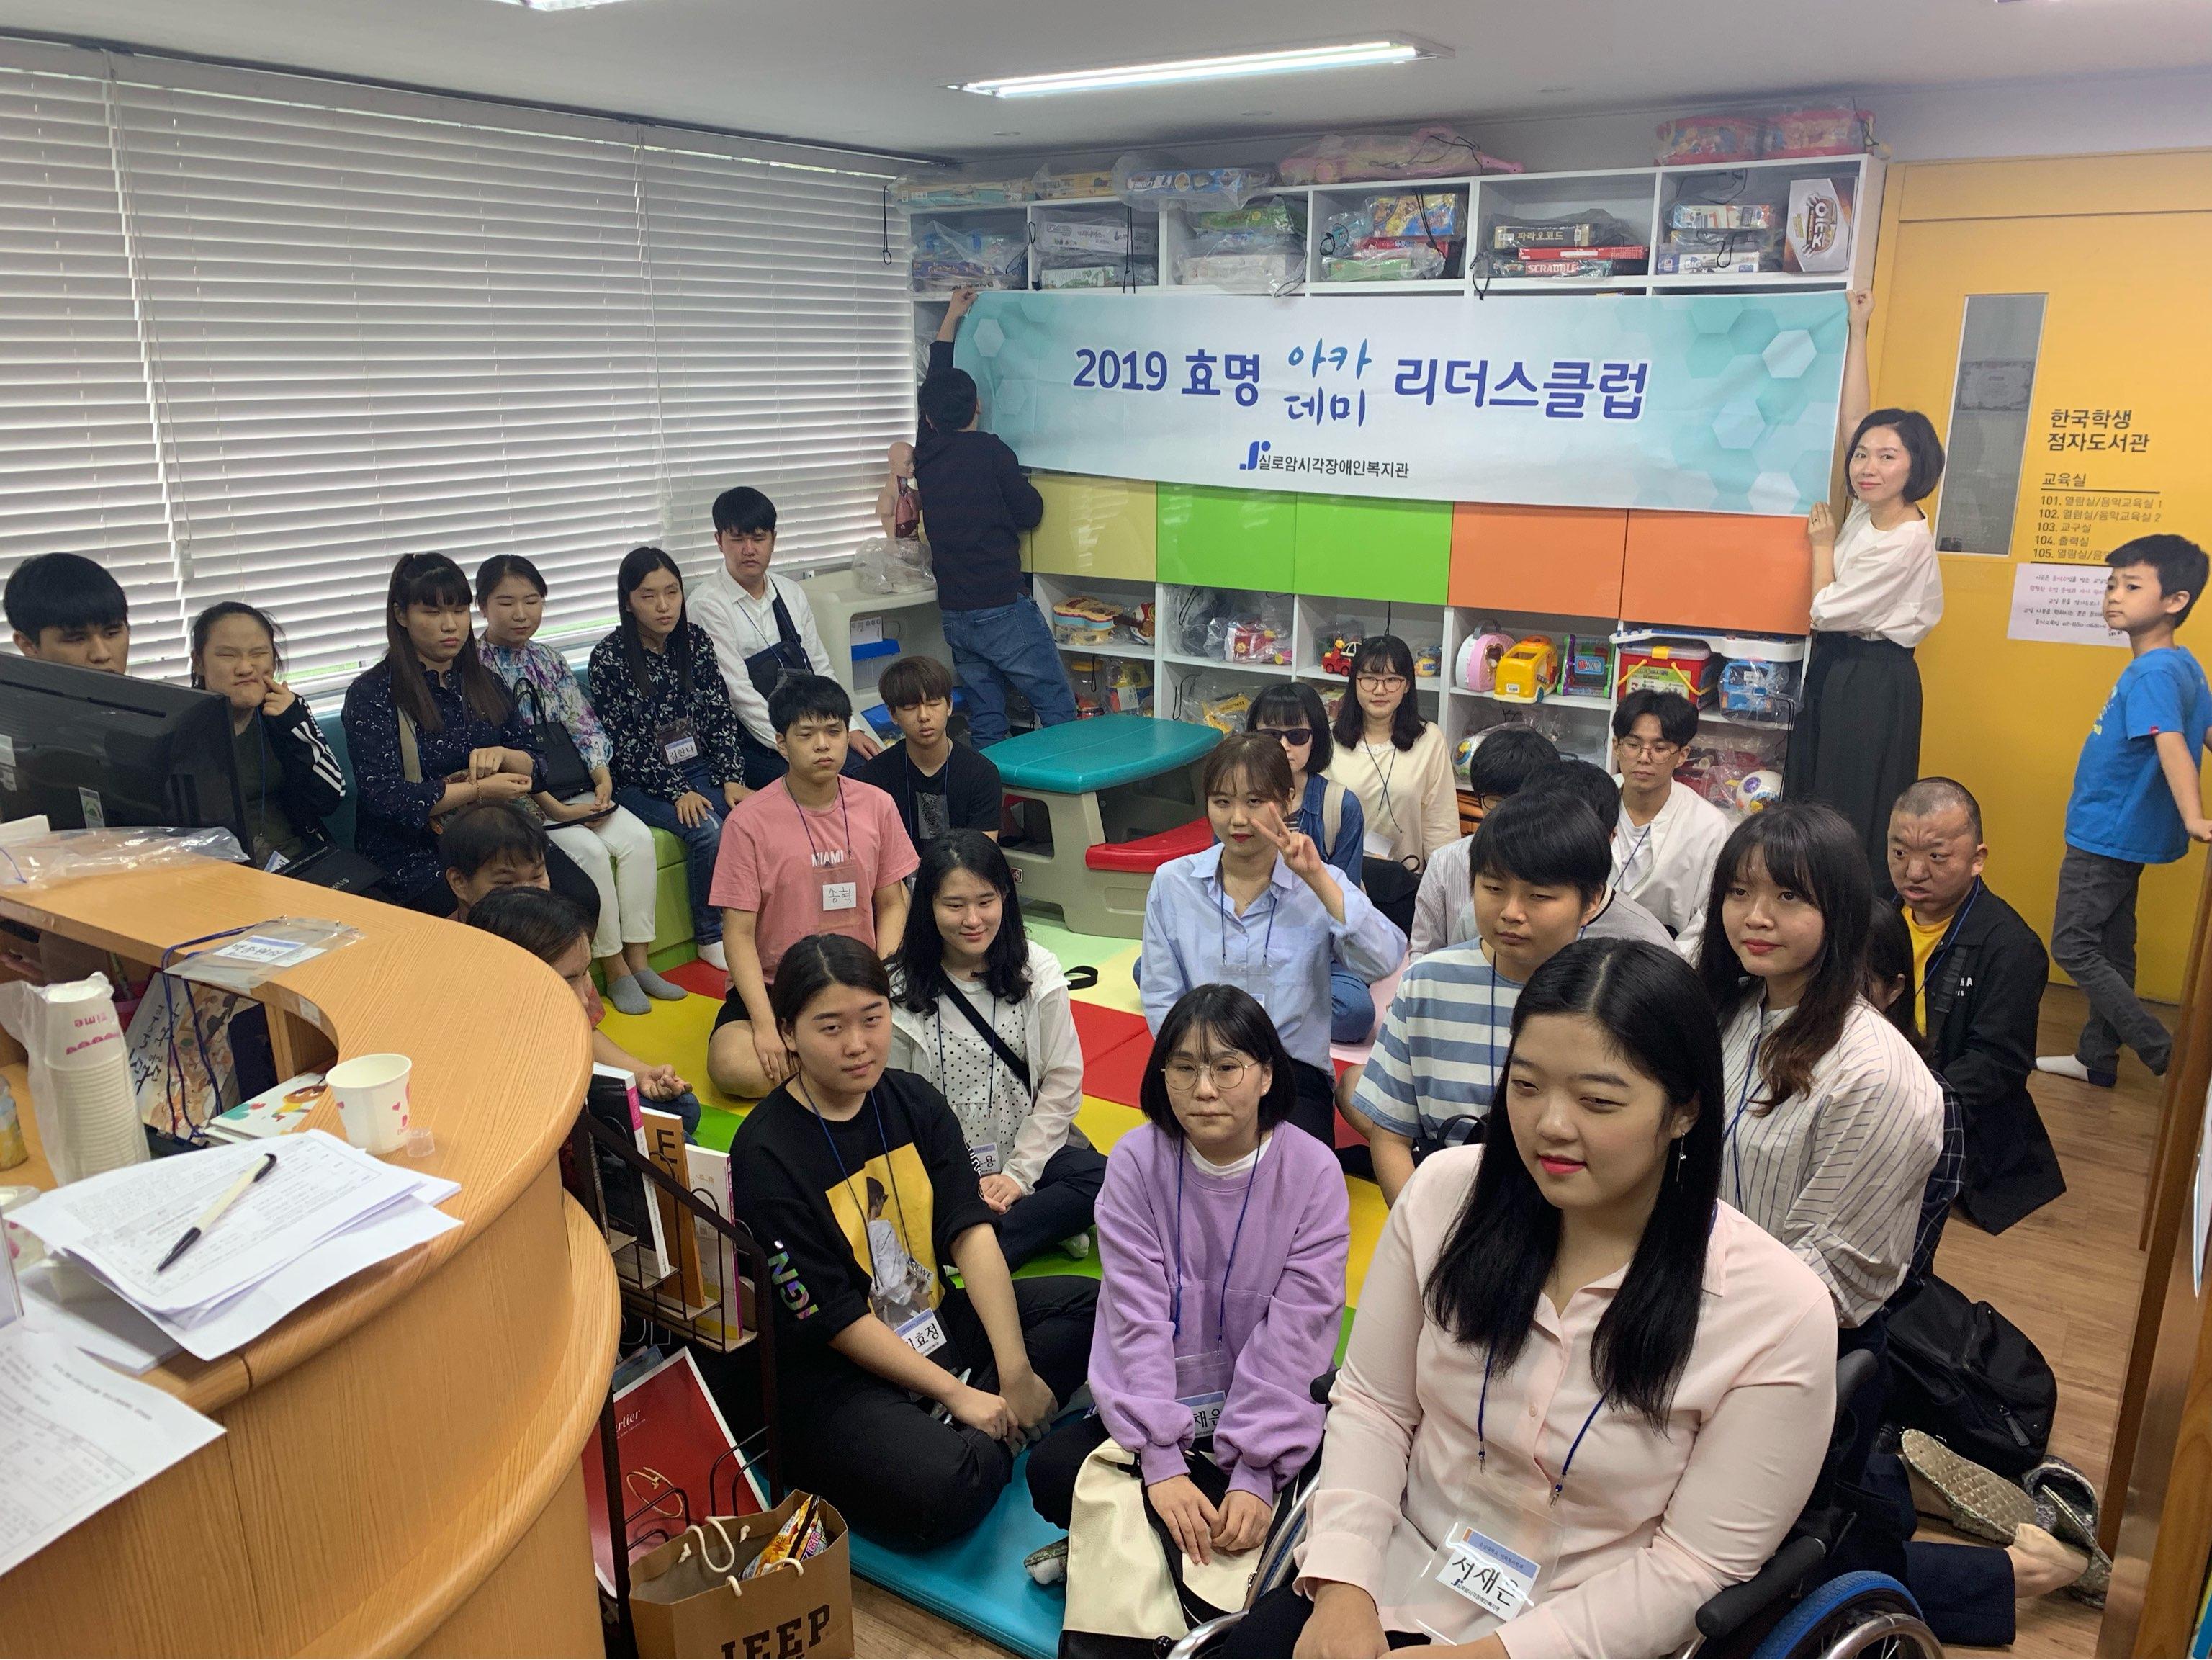 [기획홍보팀] 효명아카데미리더스클럽 「시각장애청소년 진학상담 멘토링」 썸네일